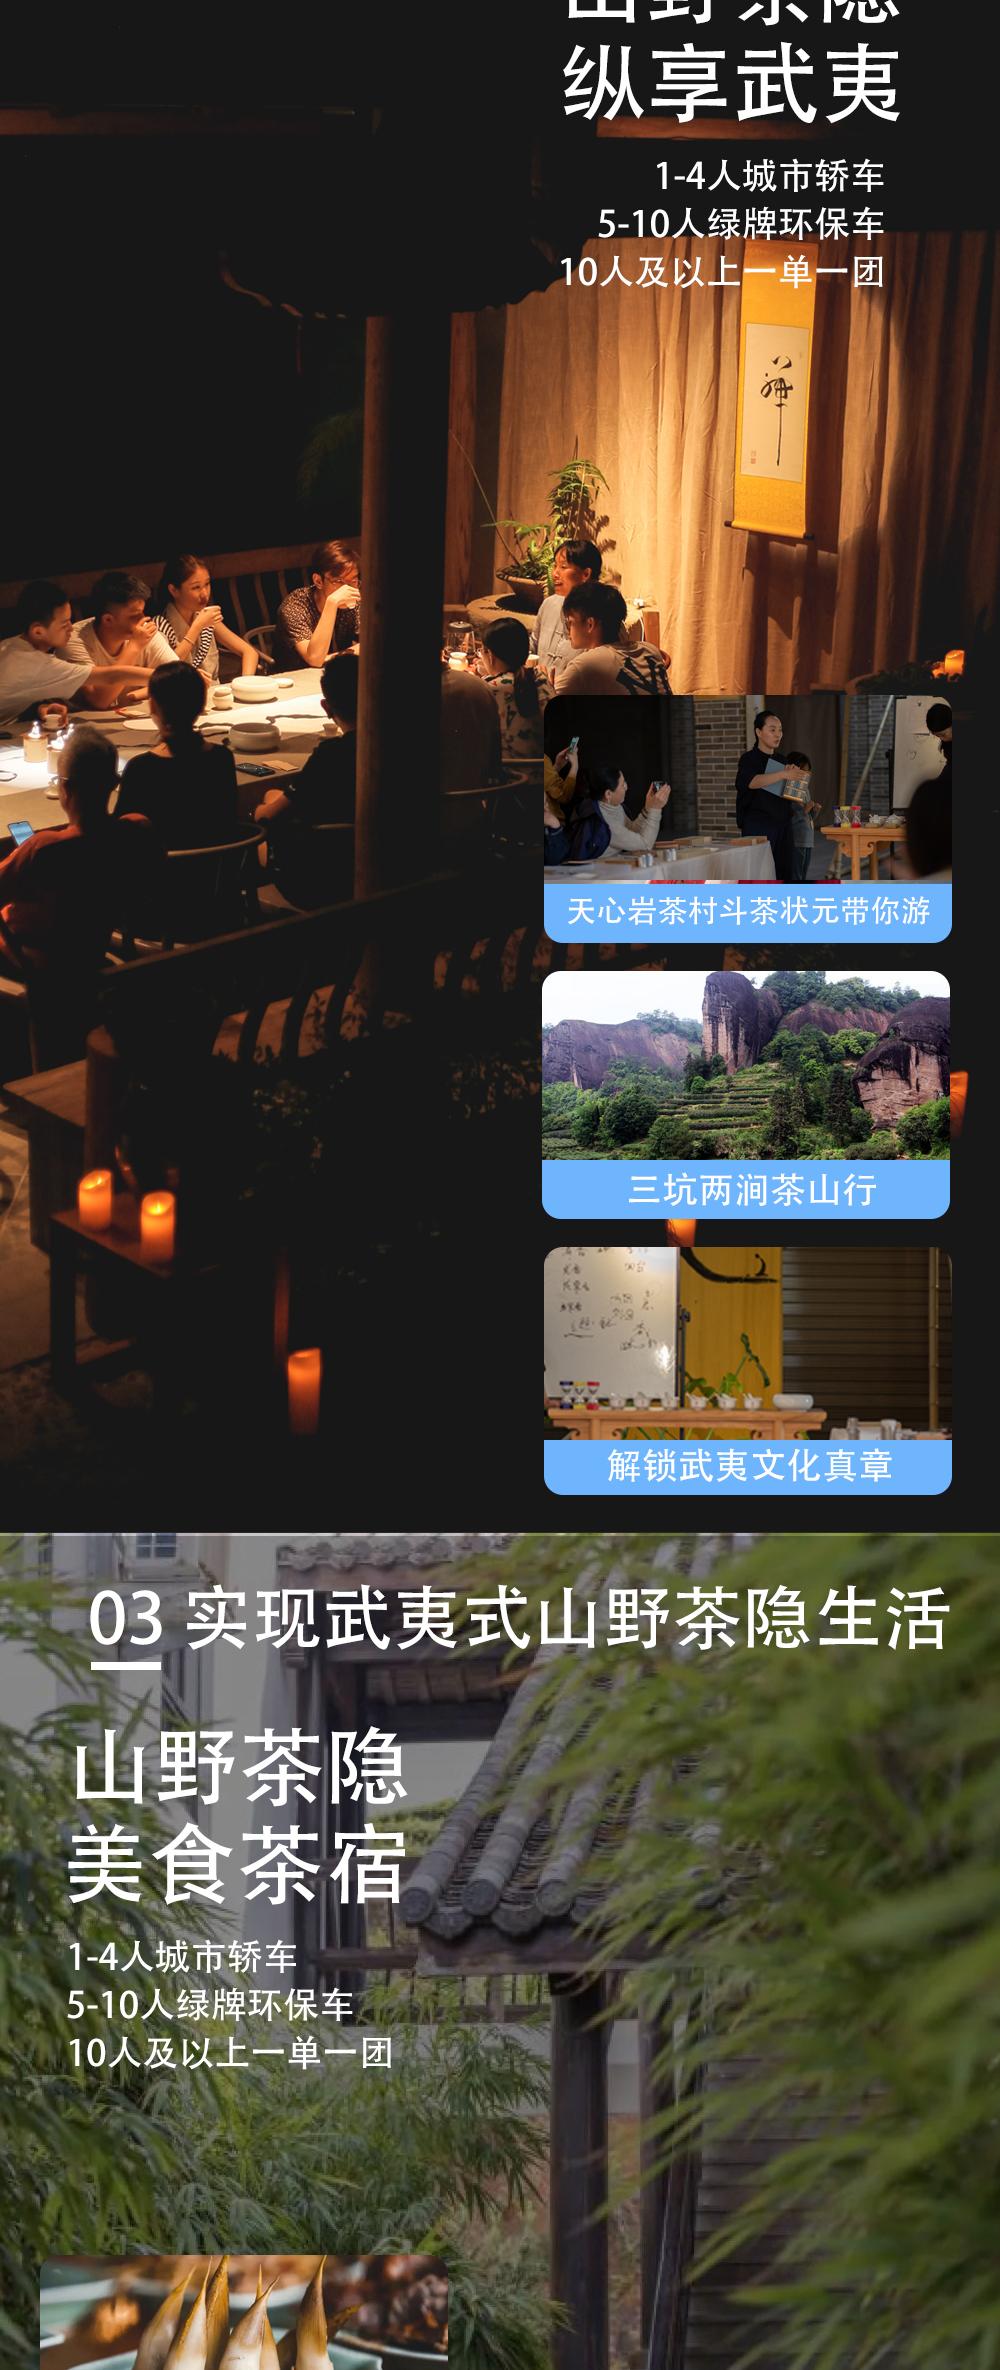 武夷山茶宿4天3晚_04